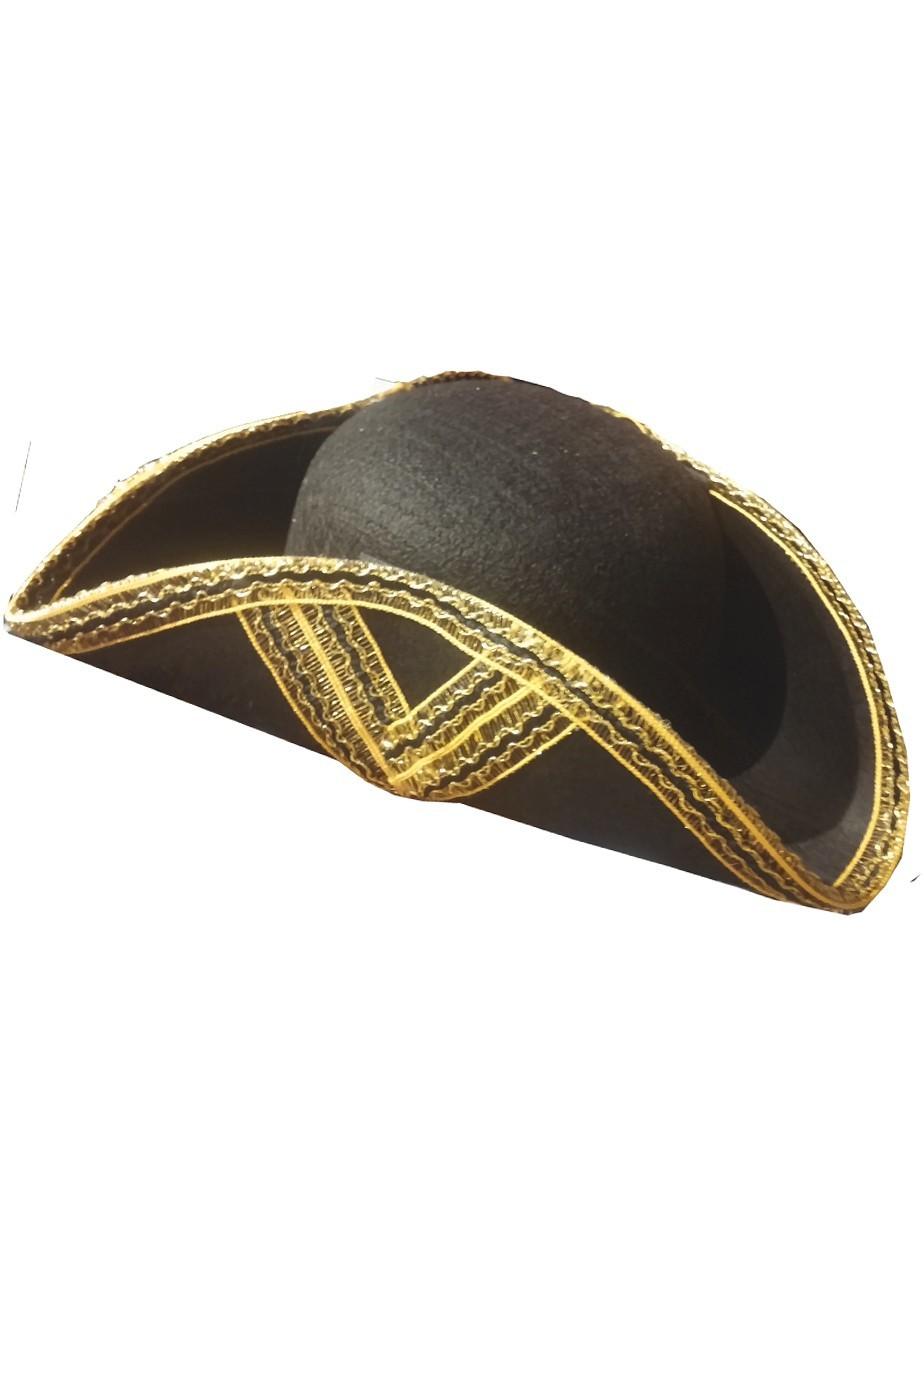 vivido e di grande stile dettagli per stile attraente Cappello da pirata cavaliere del 700 a tricorno giubba rossa cocchiere nero  e oro - CarnivalHalloween.com